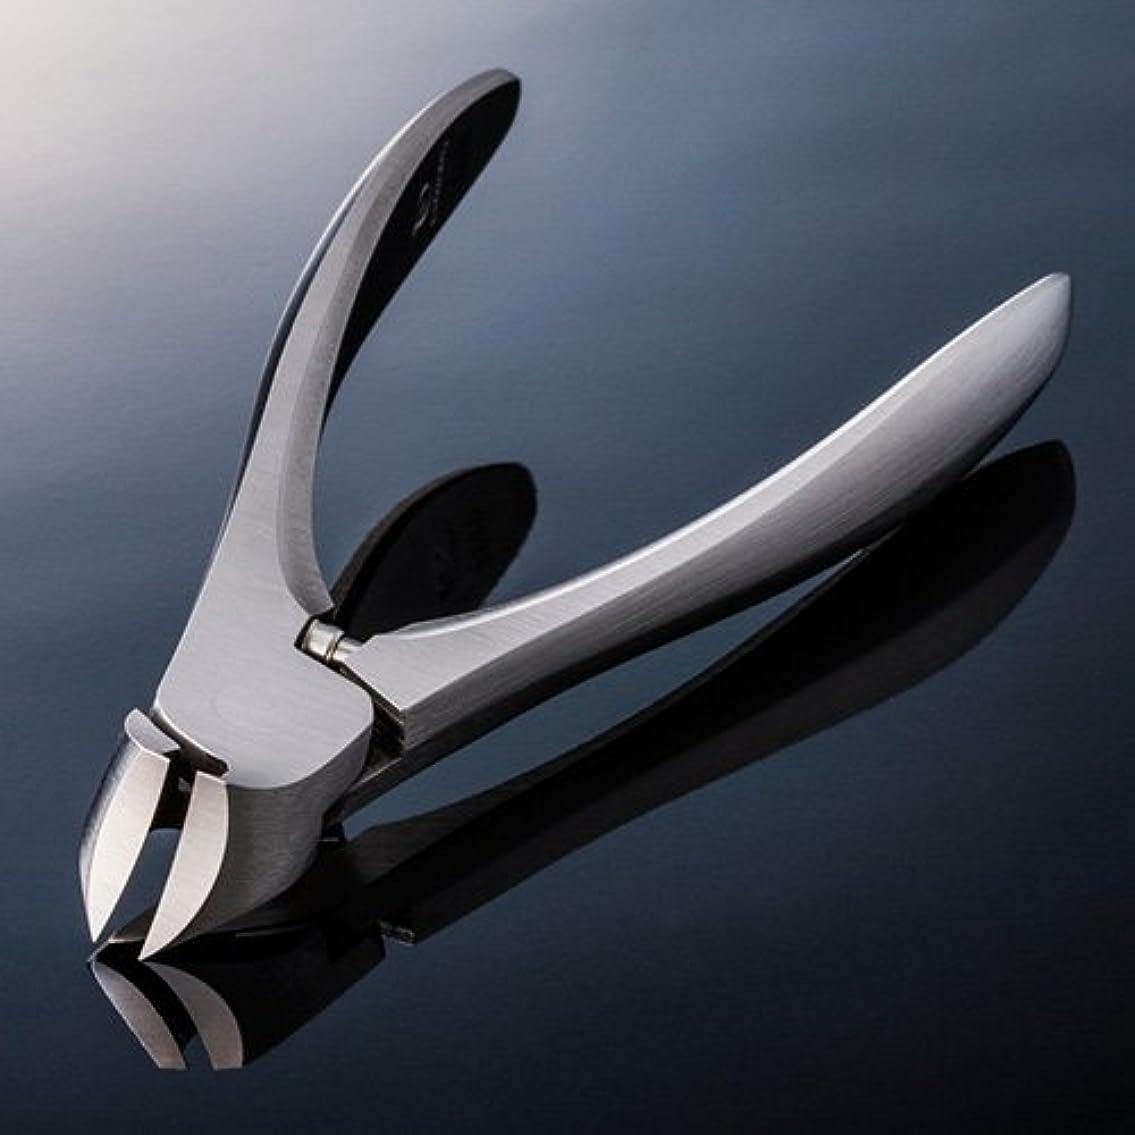 自我達成楽しい【SUWADA クラシックL 爪やすり付】 諏訪田のつめ切り 爪切り ネイルニッパー 収納メタルケース付 /日本のいいもの